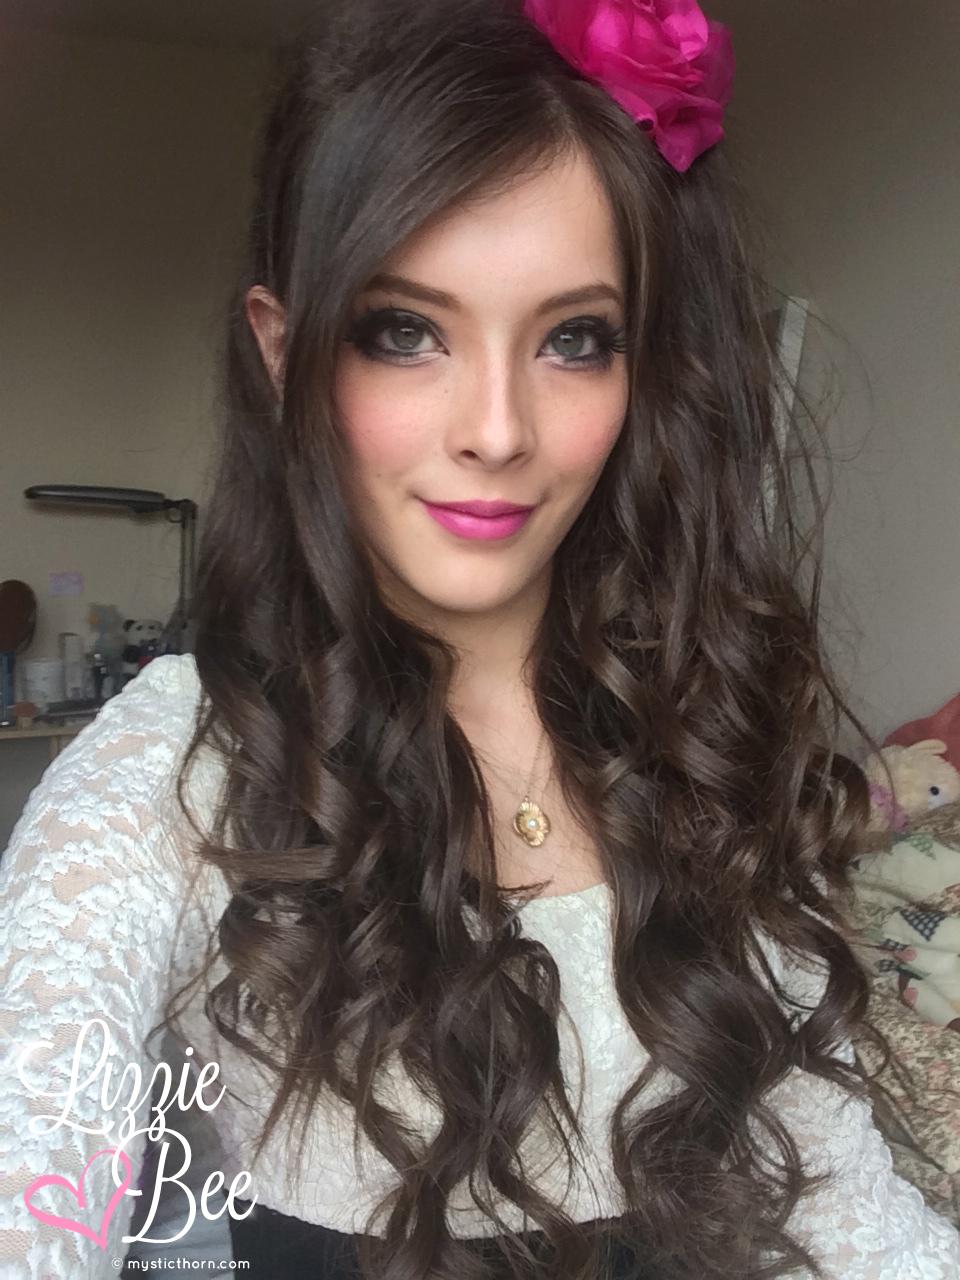 Recent Gyaru Coords Hello Lizzie Bee Gyaru Fashion Lifestyle Blog